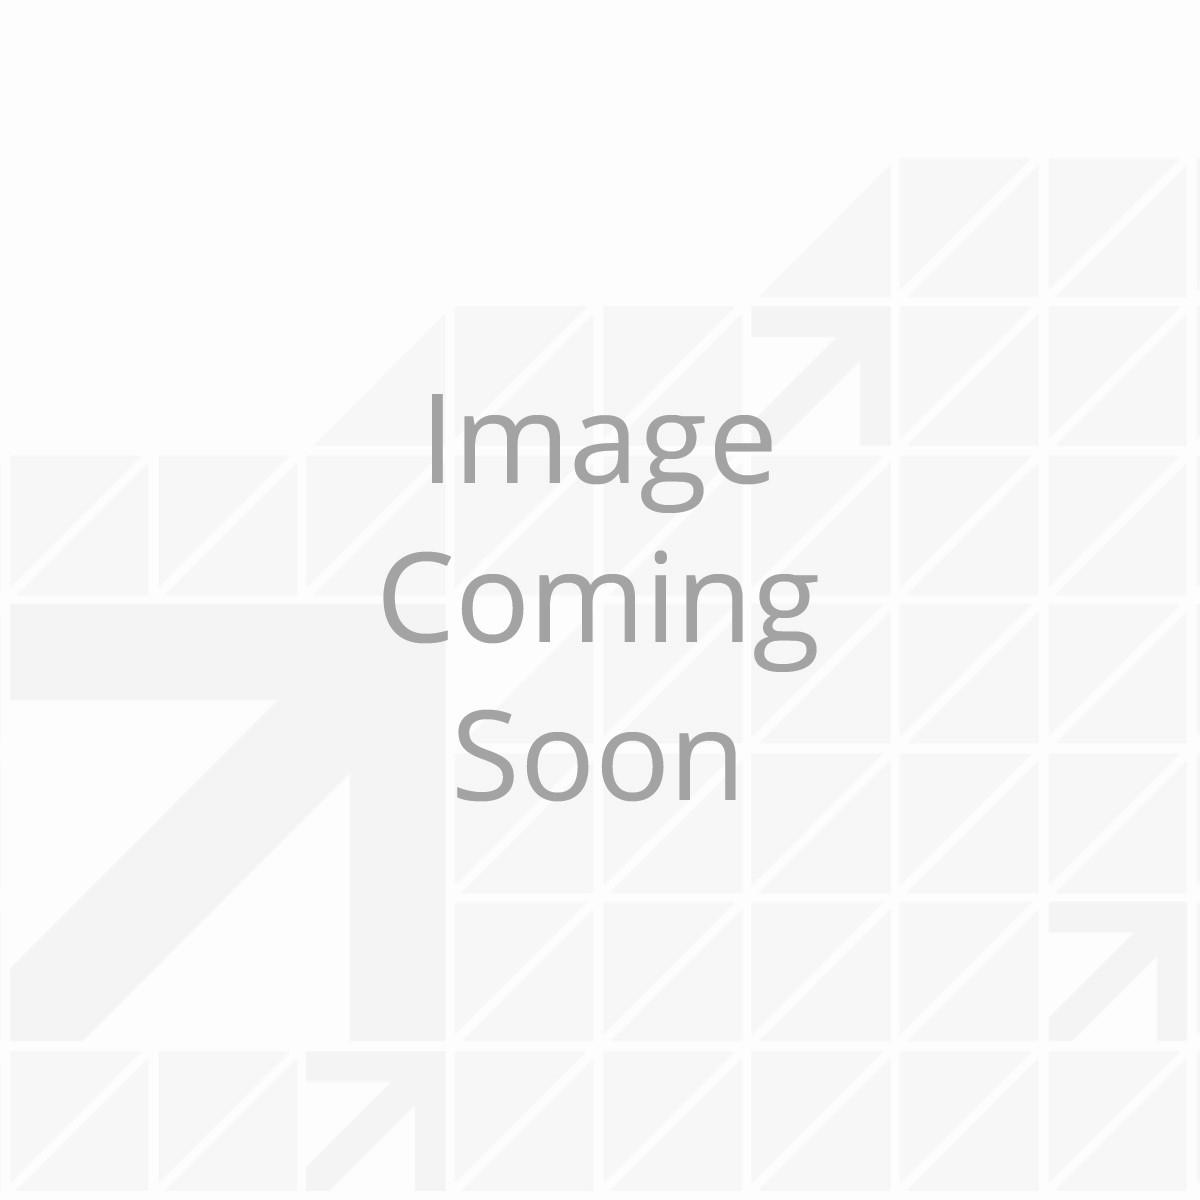 Equa Flex Tandem Axle Kit